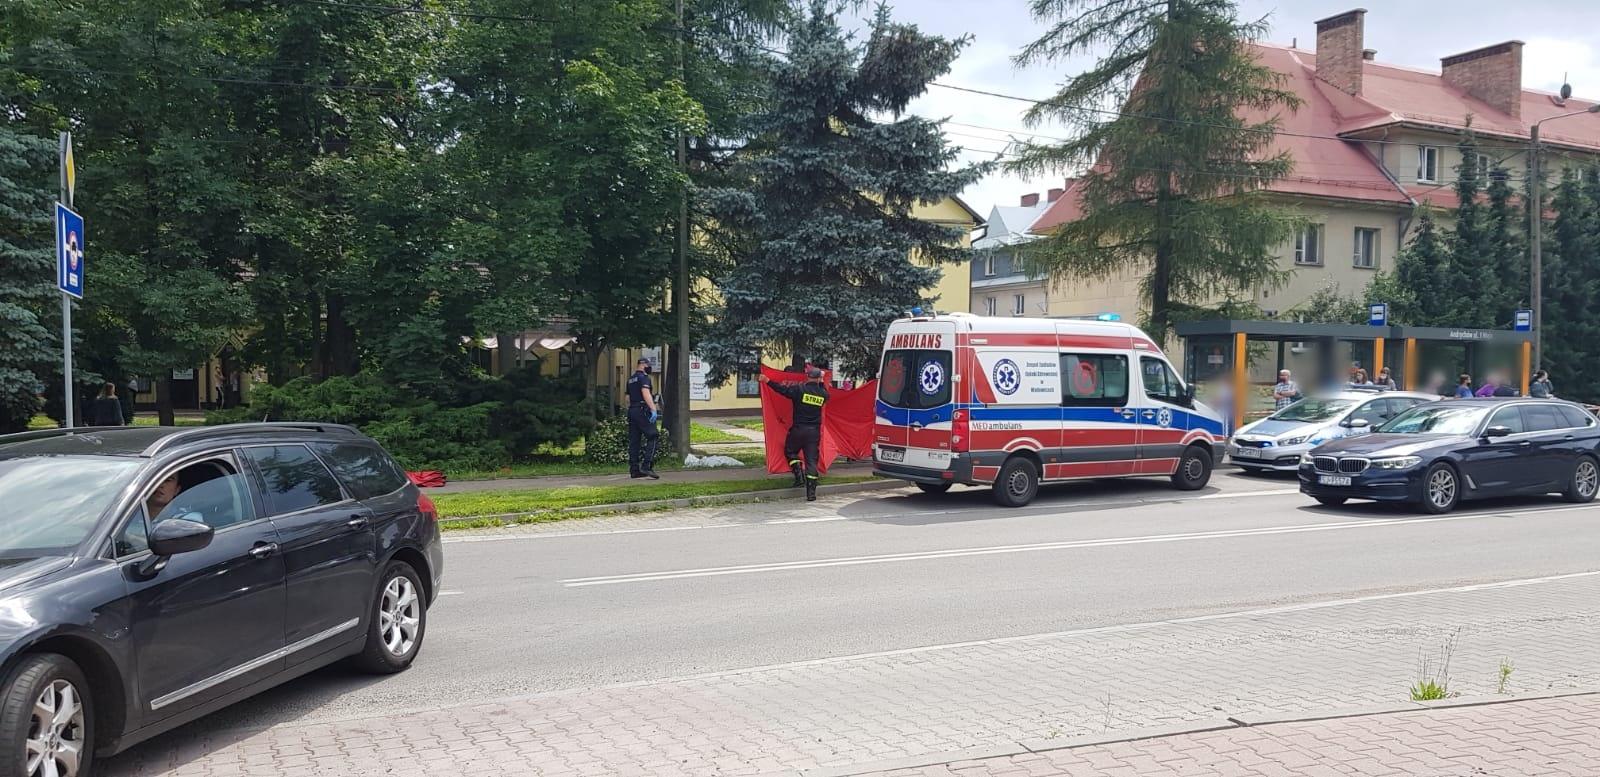 Akcja służb ratowniczych w centrum Andrychowa